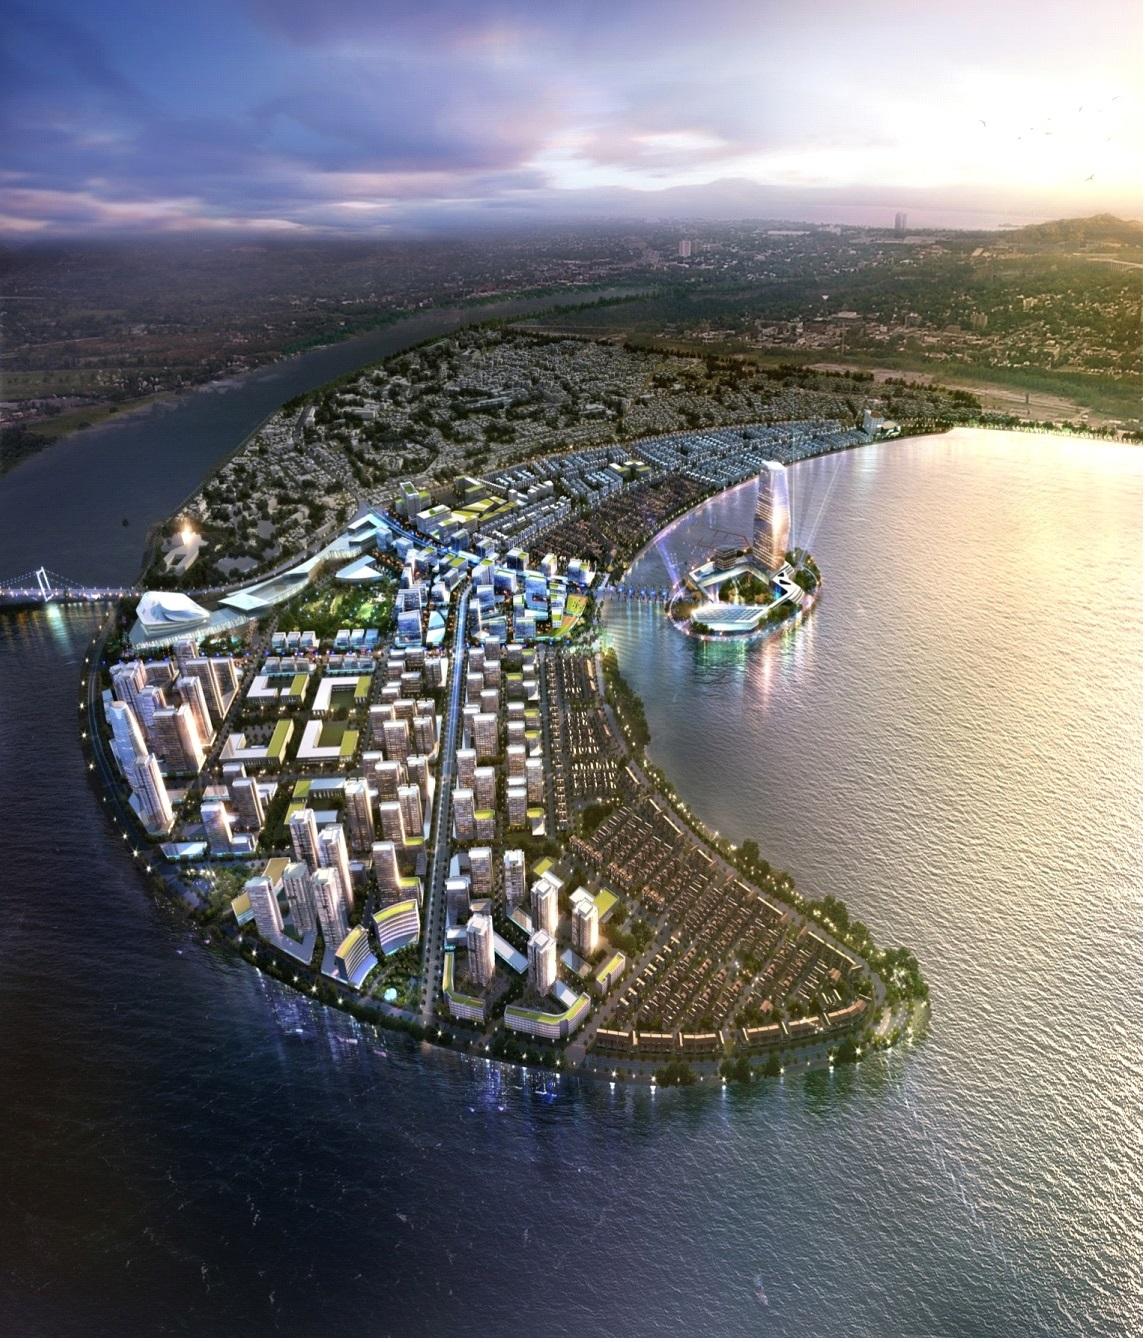 다푹 국제신도시, 다낭 (Daphuoc International New Town, Danang)